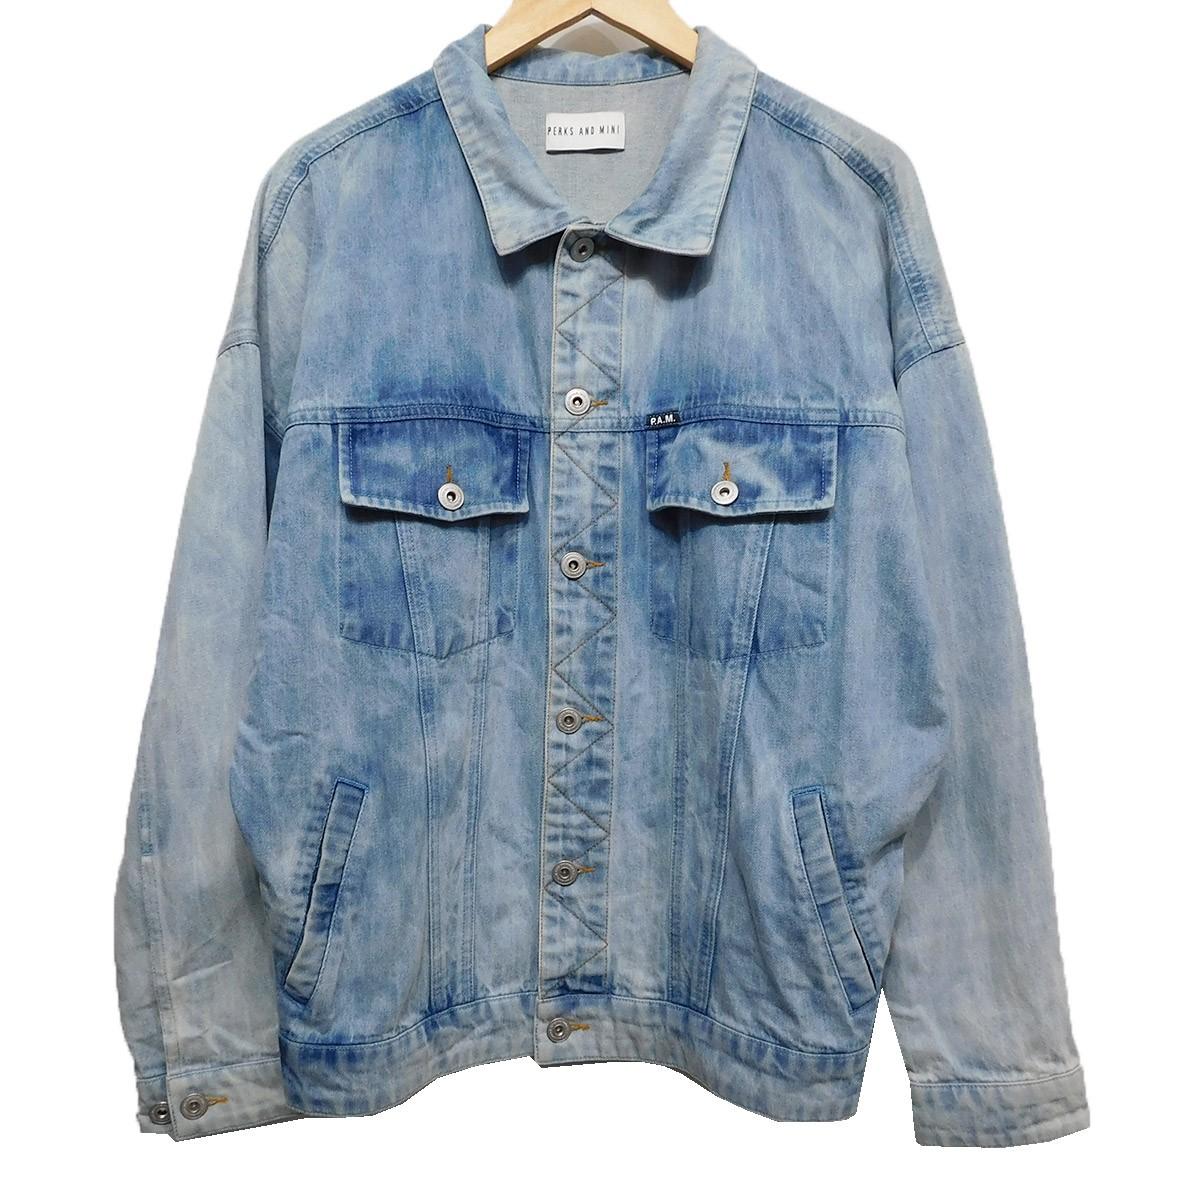 【中古】PAM(PERKS AND MINI) 18SS PSY LIFE Denim Jacket デニムトラッカージャケット インディゴ サイズ:XS 【220120】(パム パークスアンドミニ)